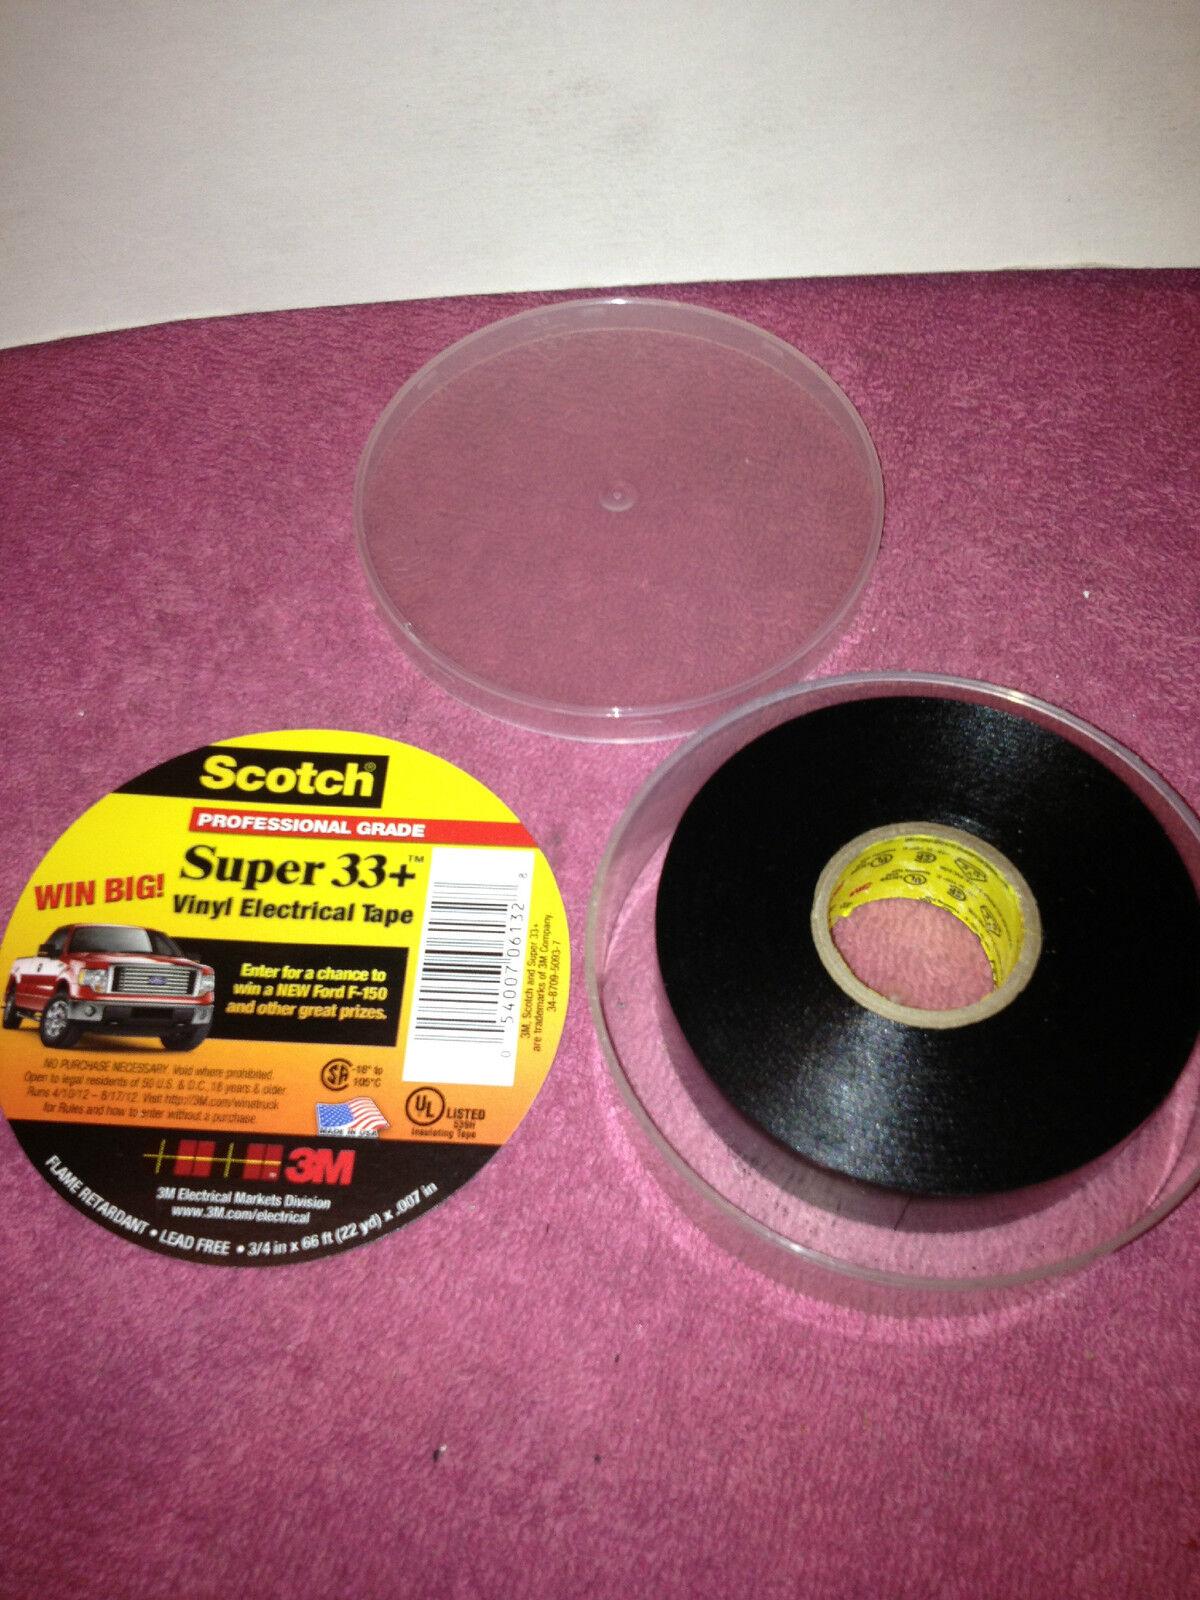 3M Electrical Tape Scotch Super 33 vinyl electrical tape 5400706132